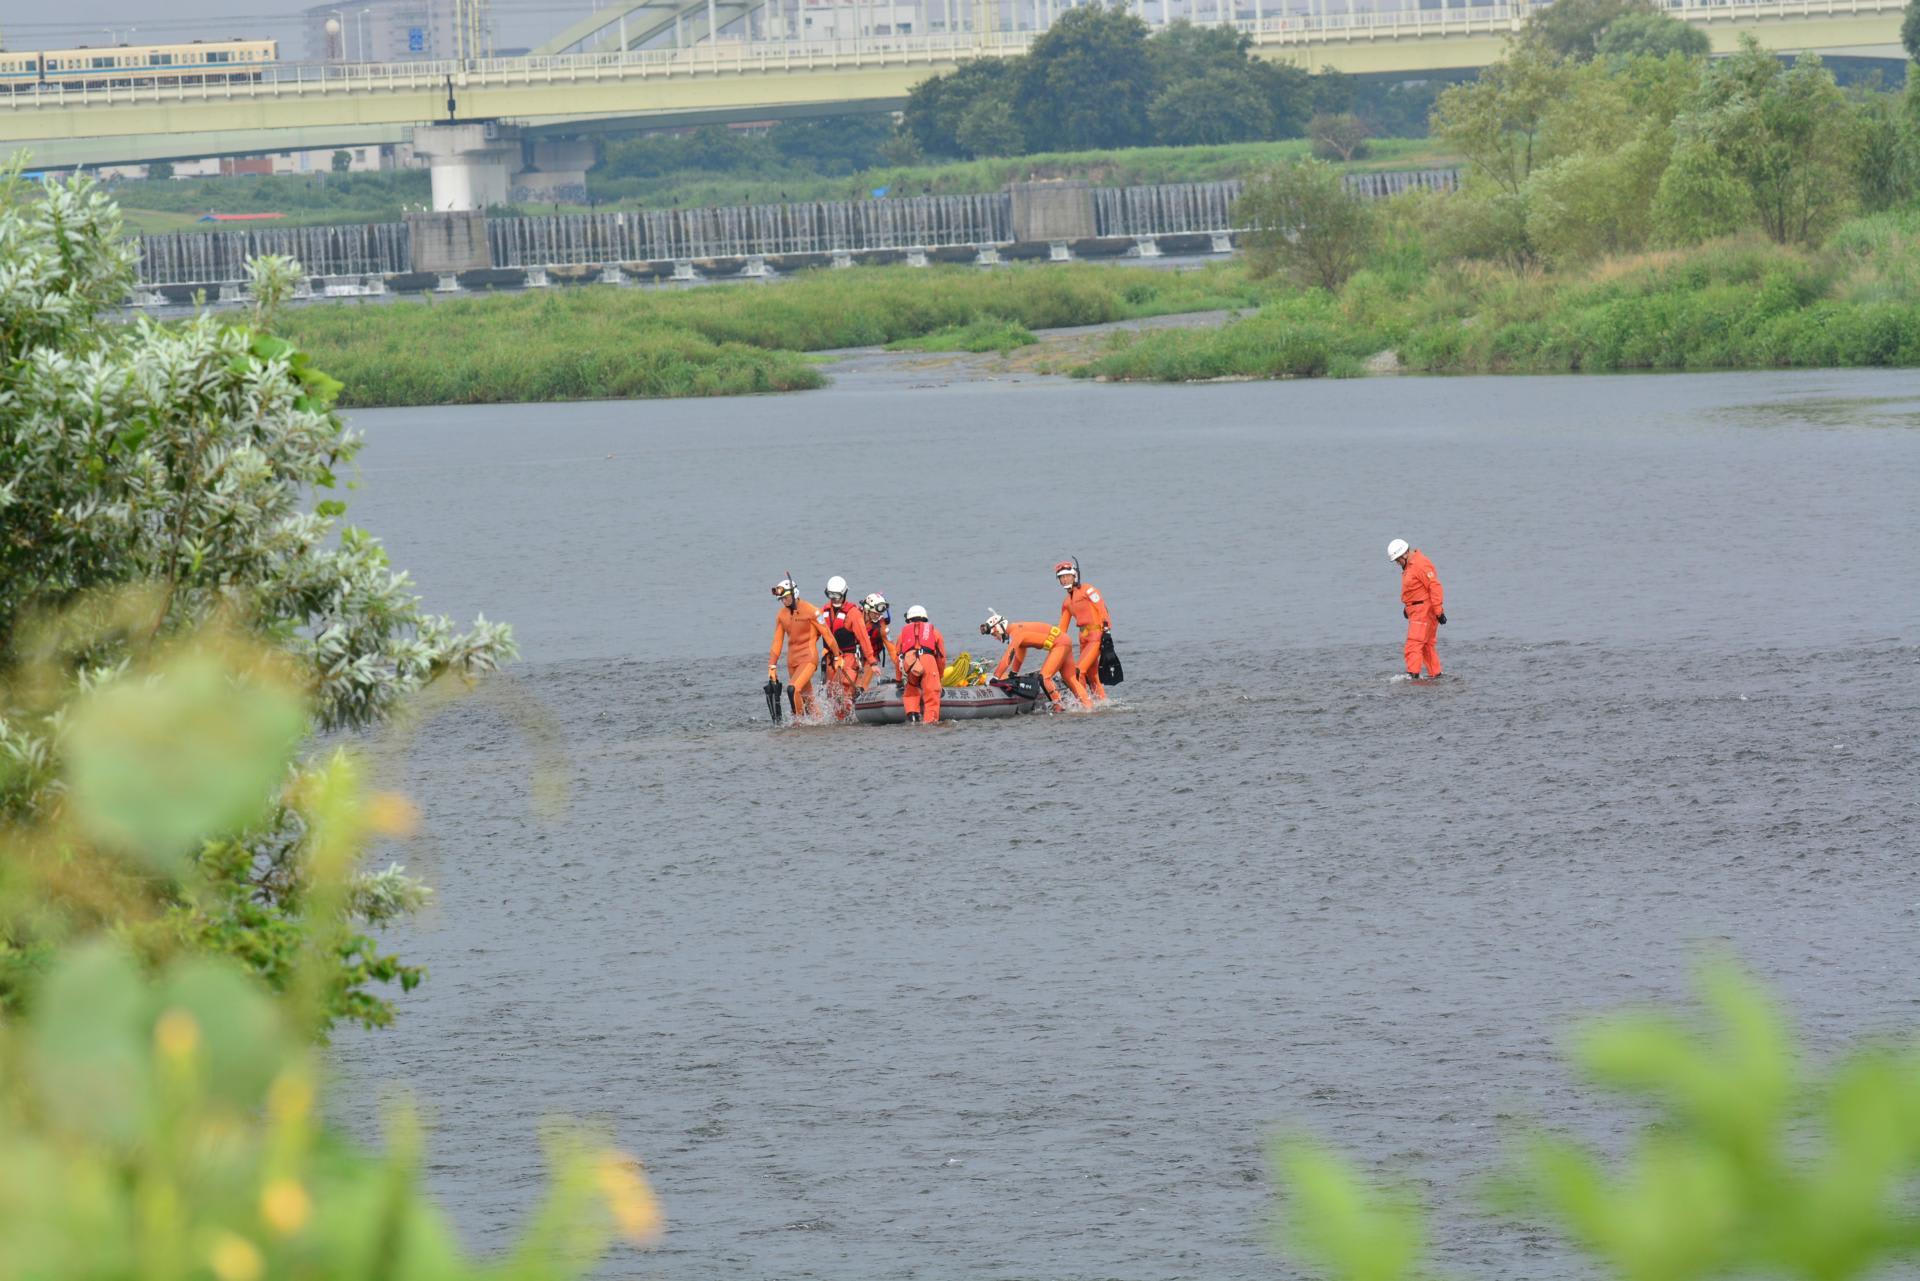 水難事故 - カメラ 散歩